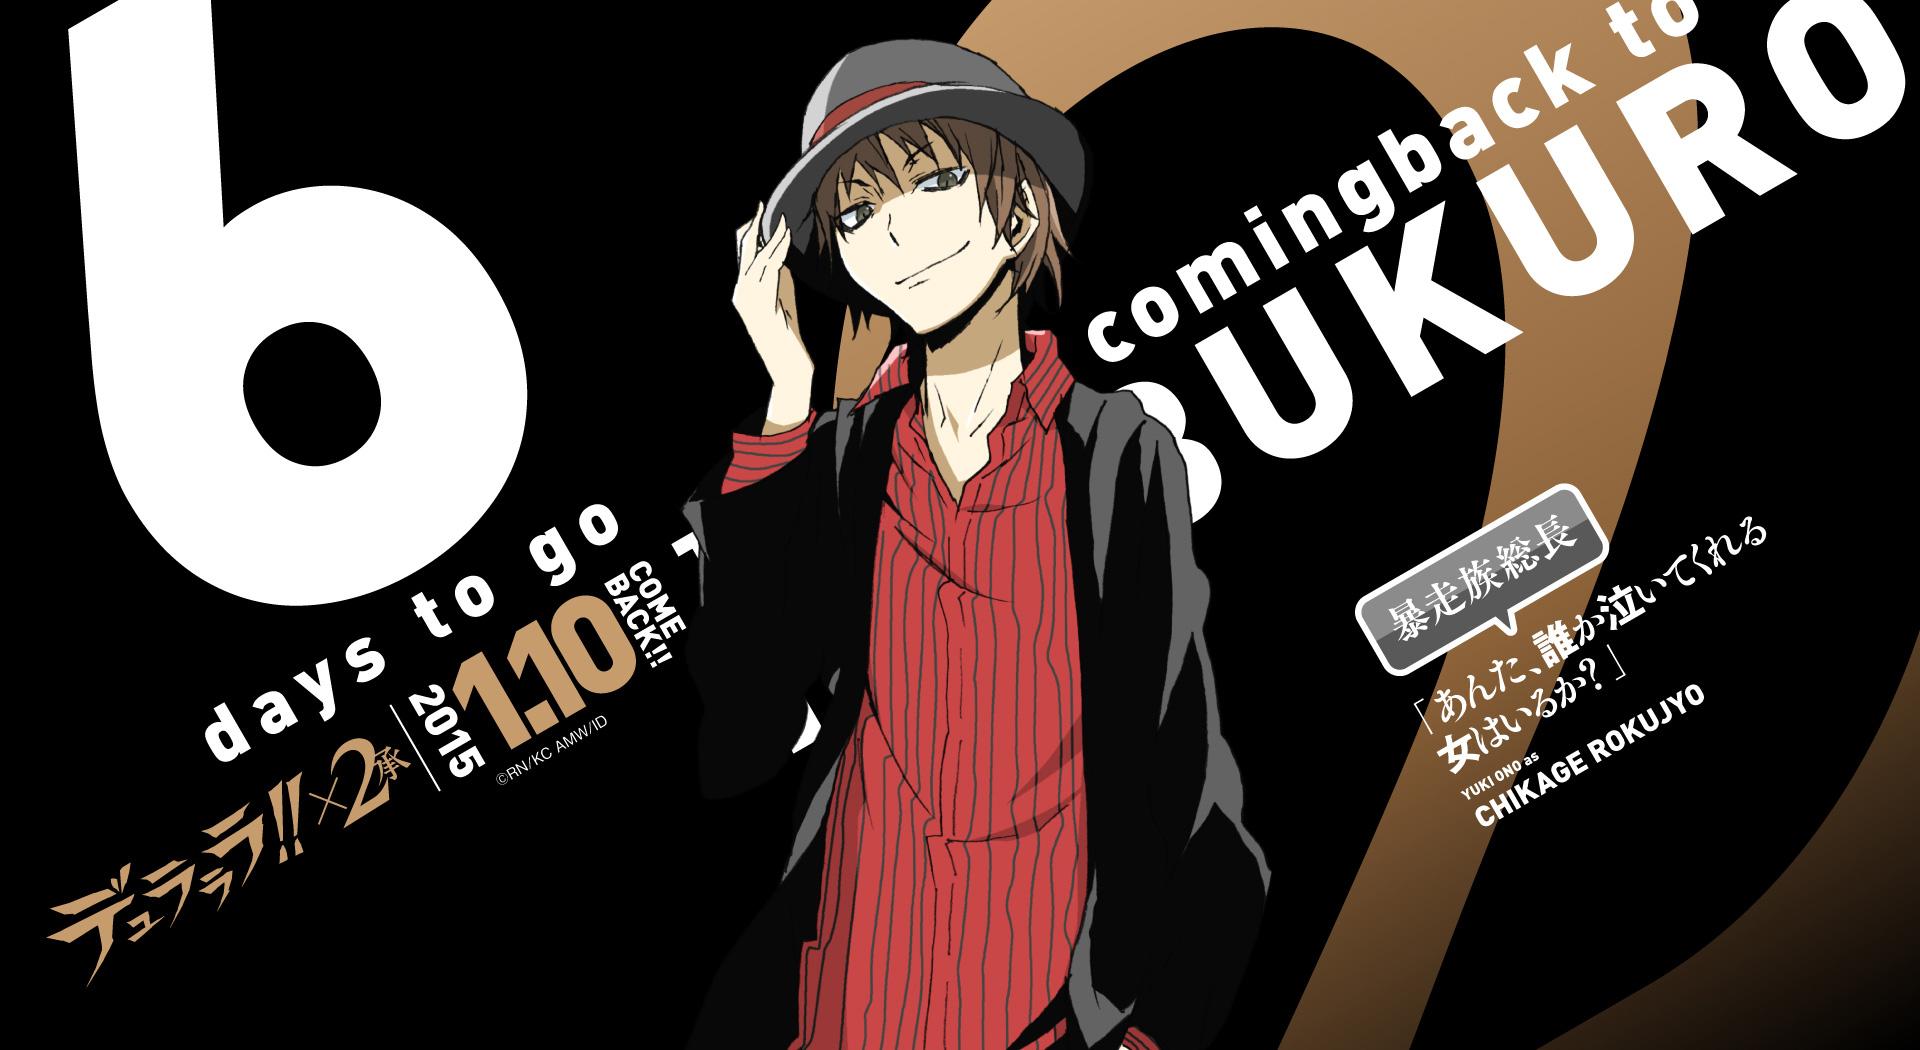 Durarara!!_Haruhichan.com×2-Sho-Countdown-Day-6